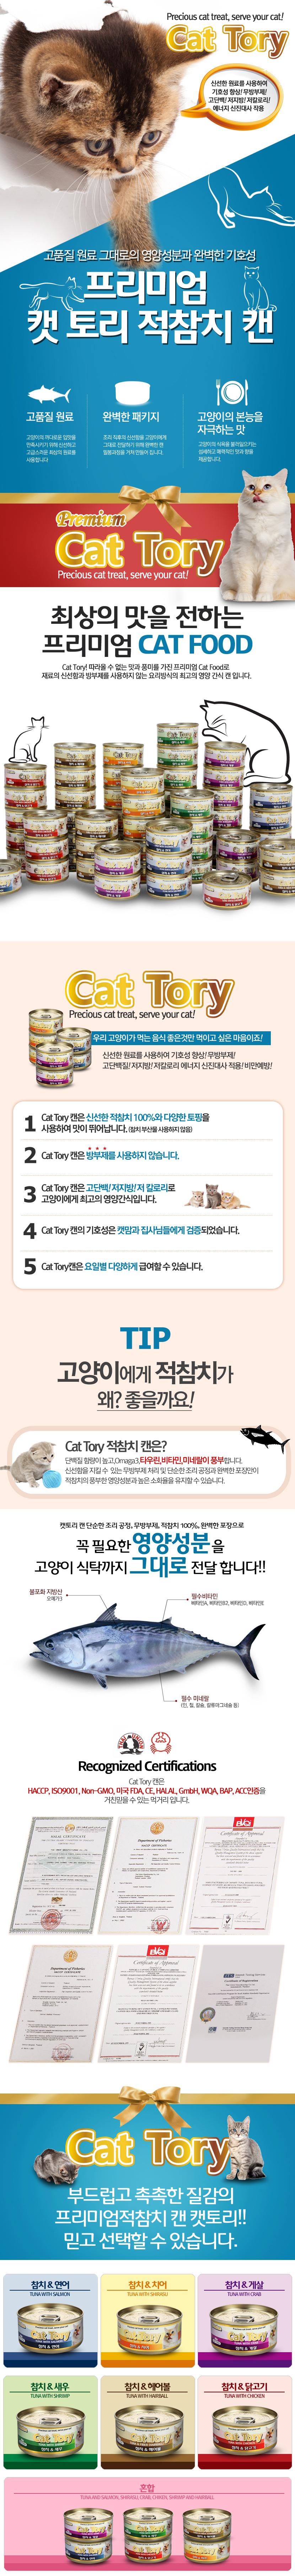 프리미엄 캣토리 고양이캔 참치닭고기 80g - 캣토리, 650원, 간식/캣닢, 캔